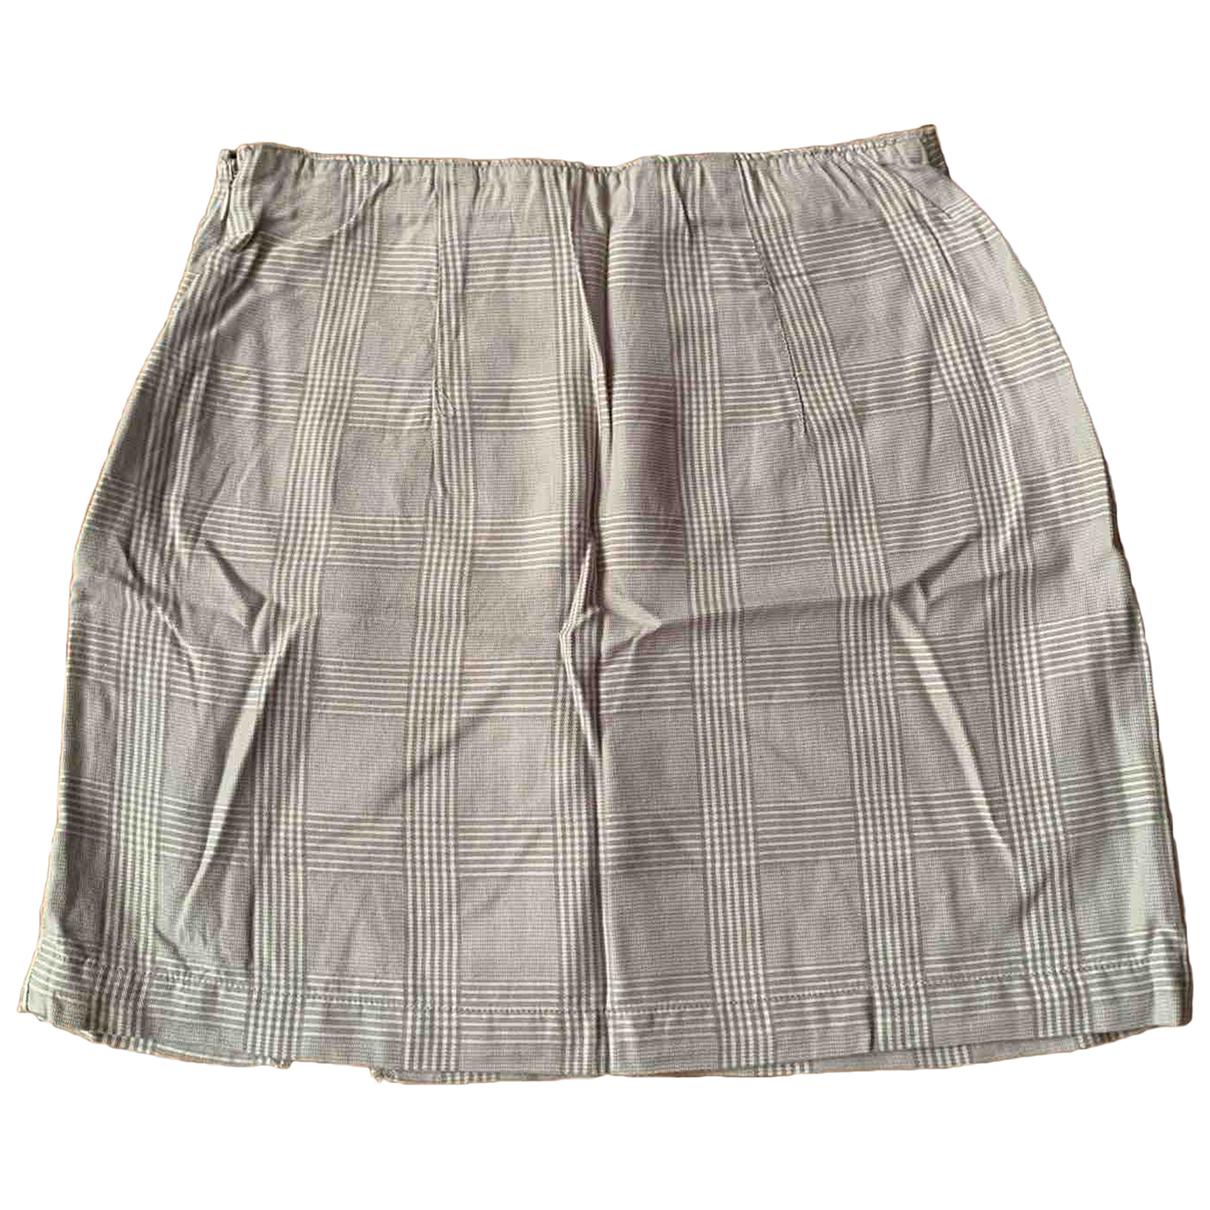 Abercrombie & Fitch - Jupe   pour femme - gris